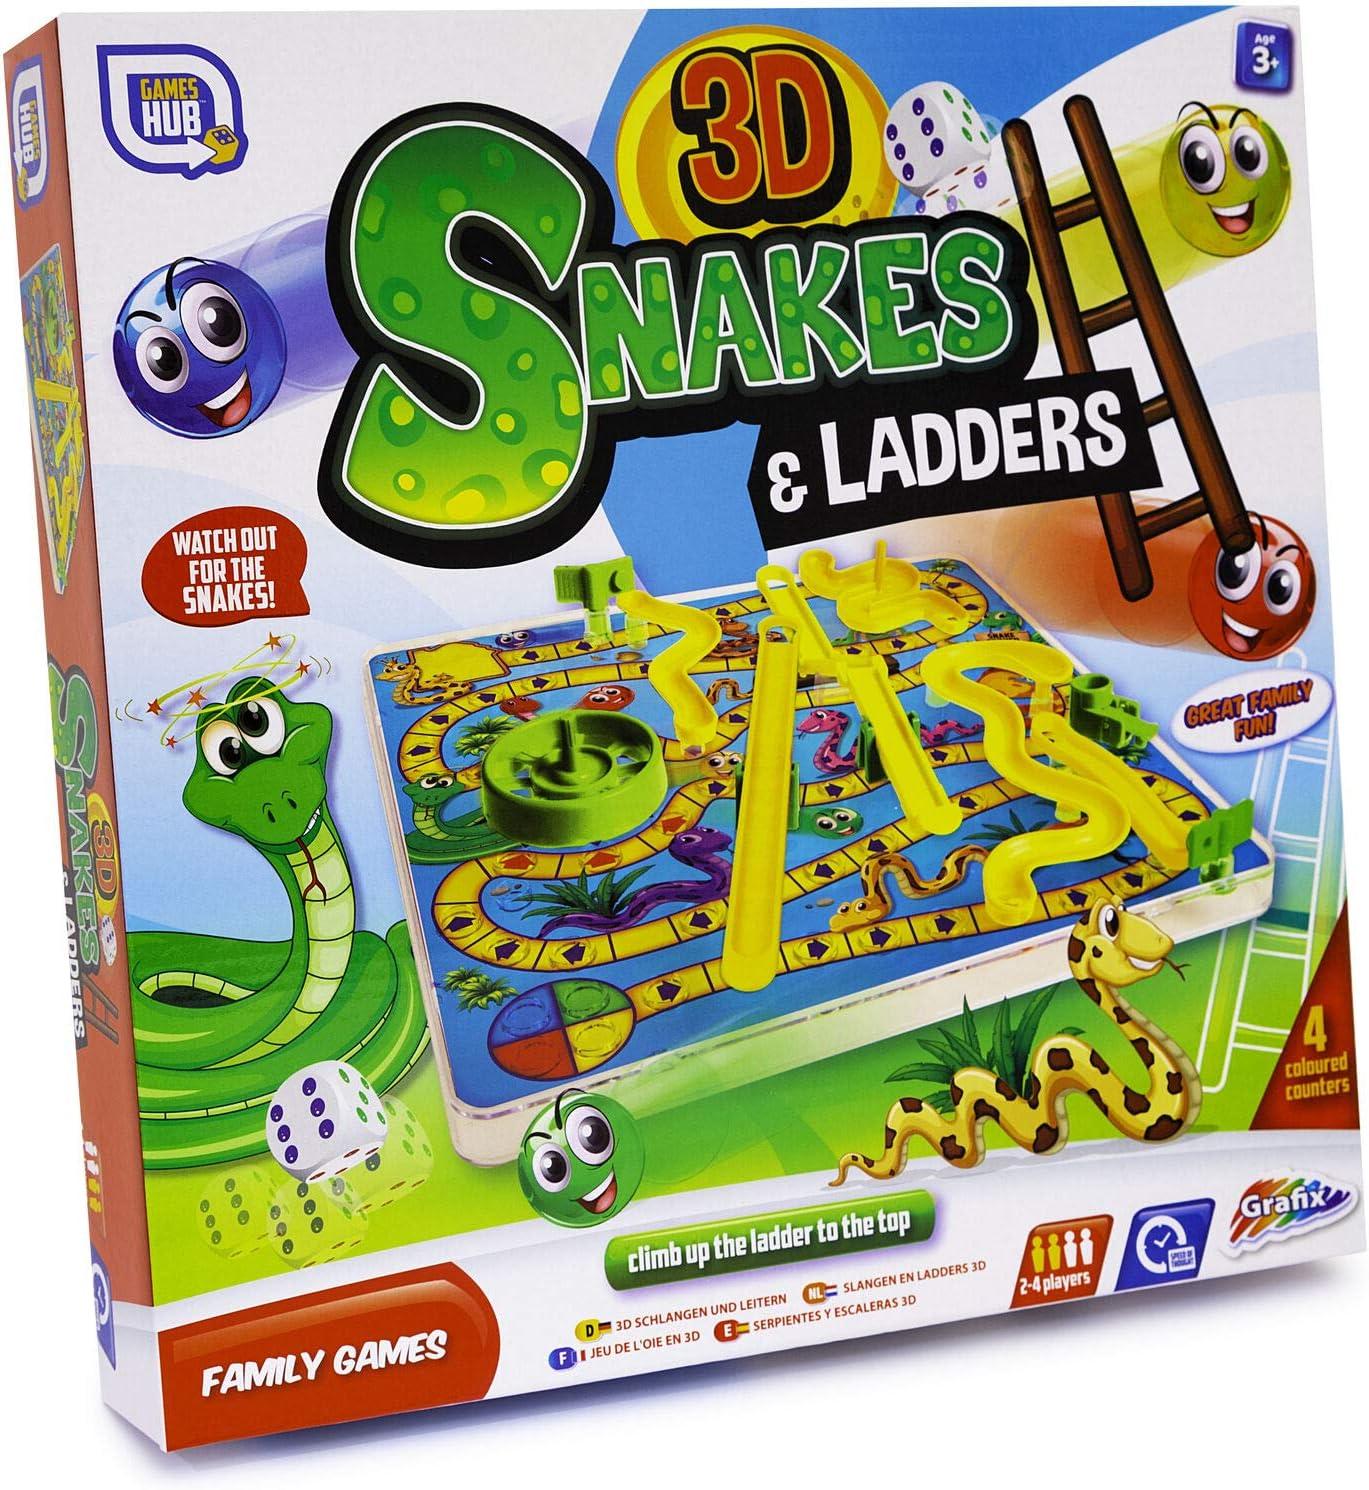 DIYANG Serpientes y escaleras 3D Niños Juego de Mesa para niños Juguete Familiar Tradicional Regalo Divertido